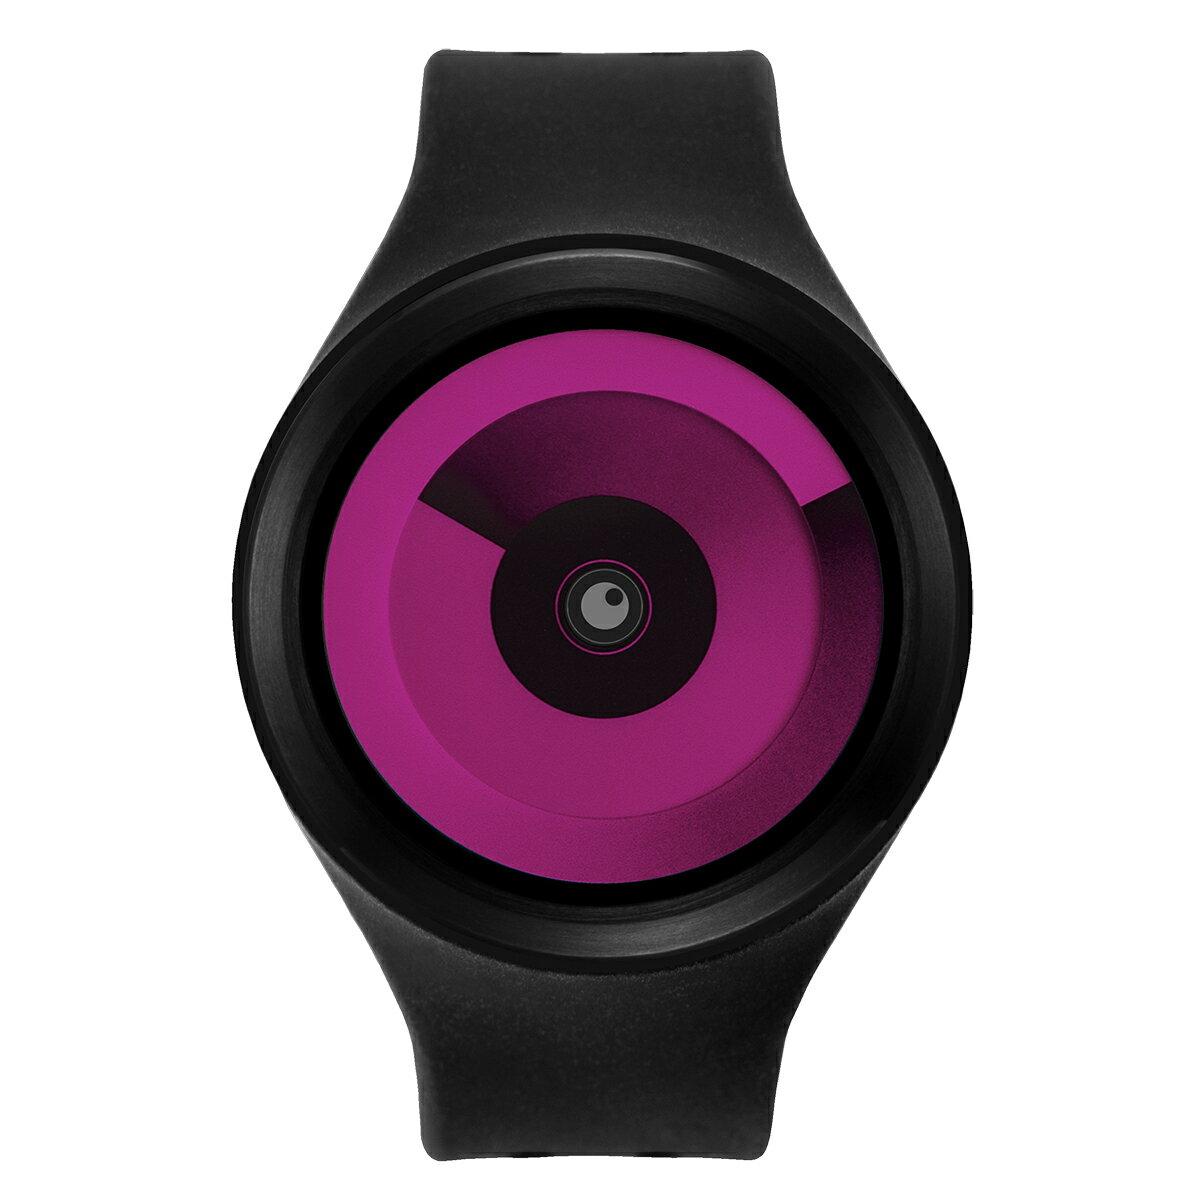 ZEROO SPIRAL GALAXY ゼロ 電池式クォーツ 腕時計 [W00603B03SR02] ブラック デザインウォッチ ペア用 メンズ レディース ユニセックス おしゃれ時計 デザイナーズ